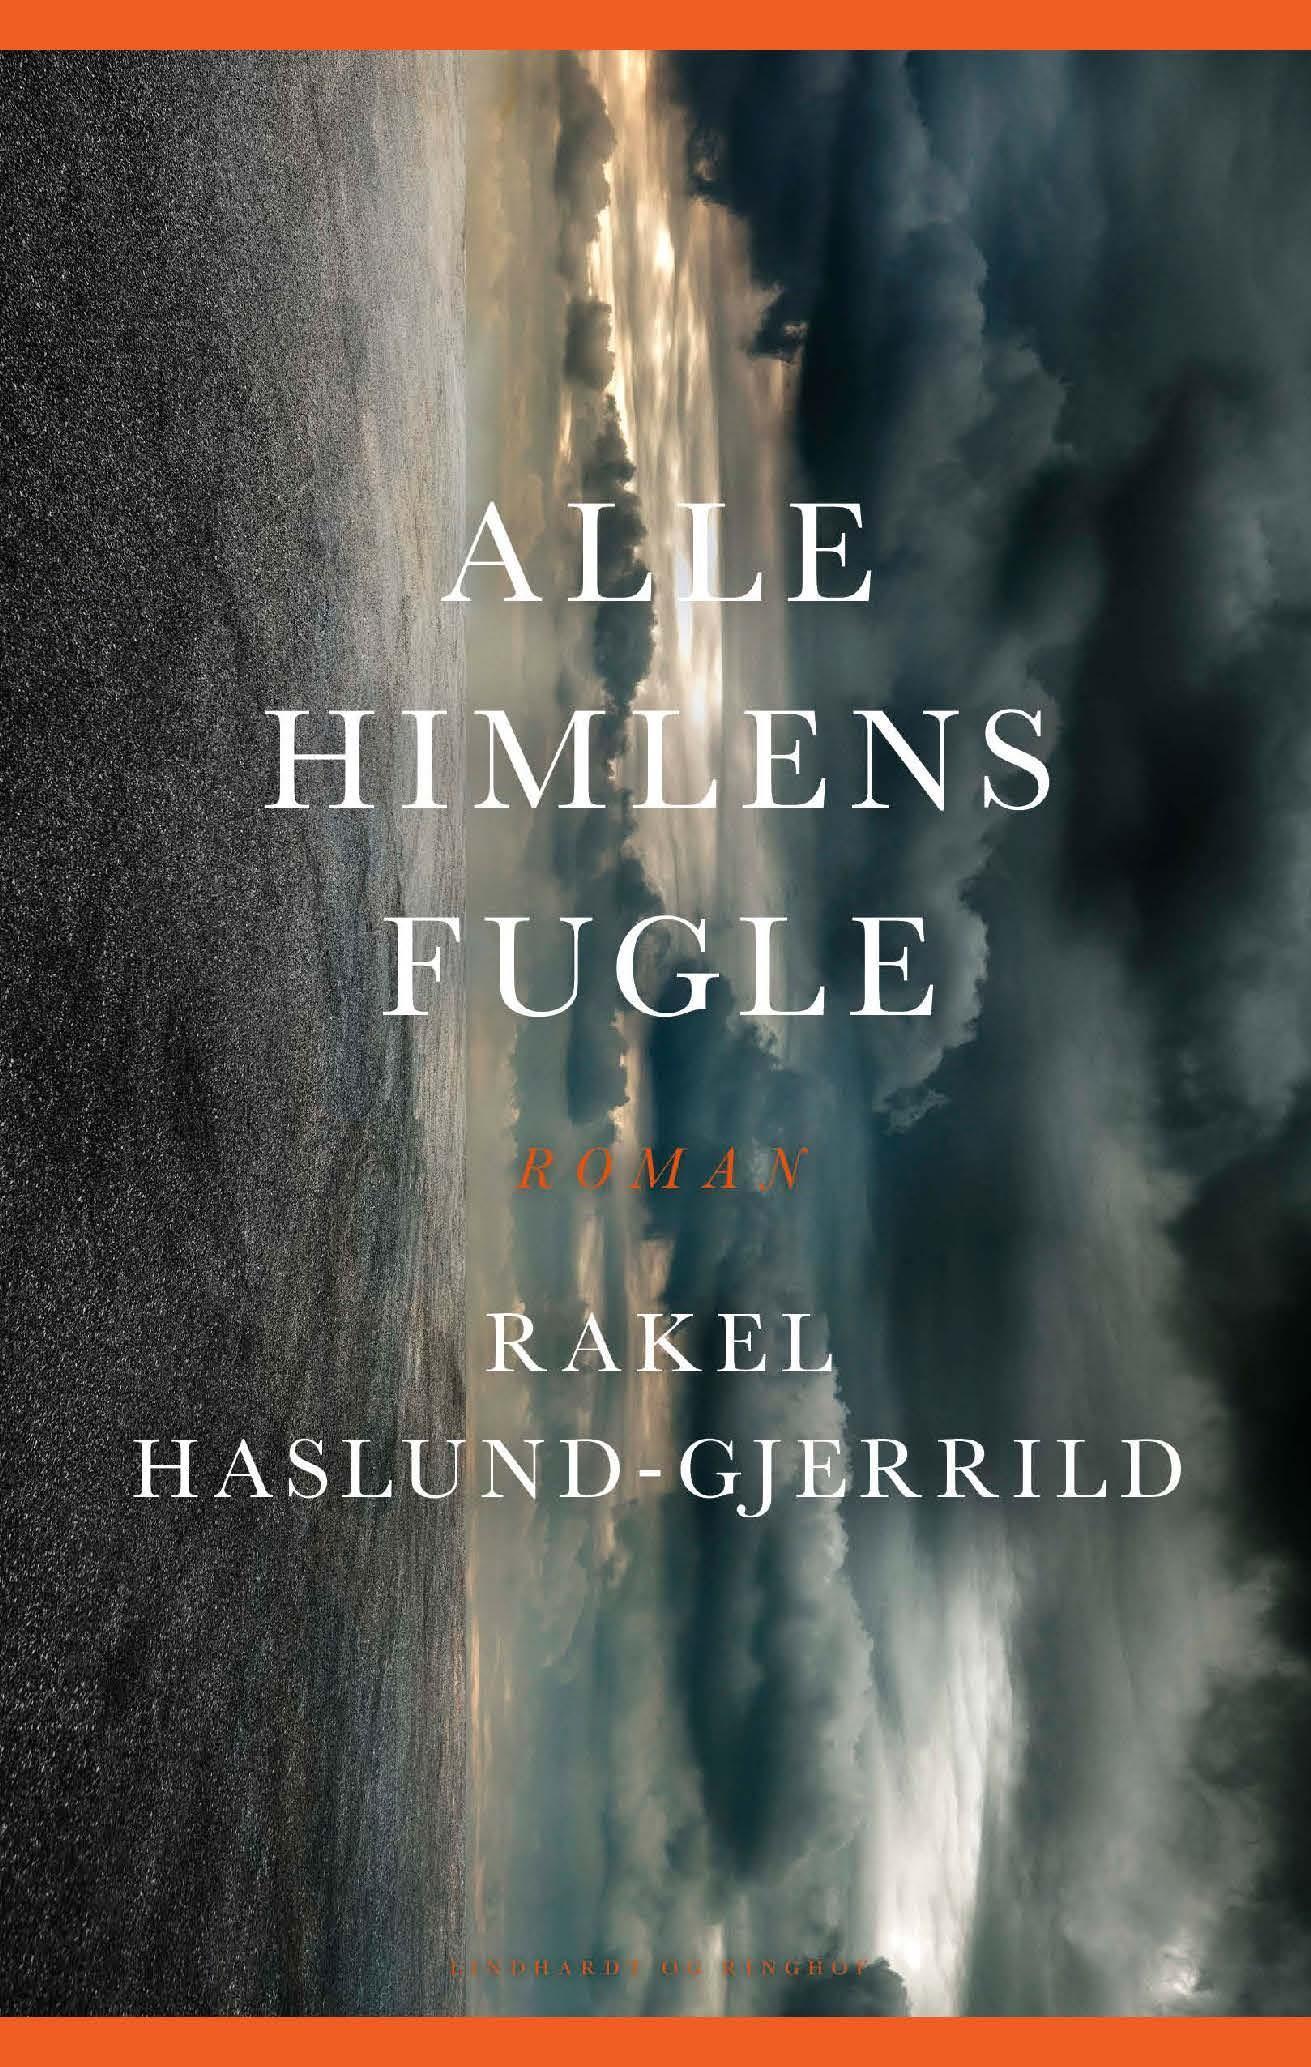 Alle himlens fugle af Rakel Haslund-Gjerrild - 9788711982839